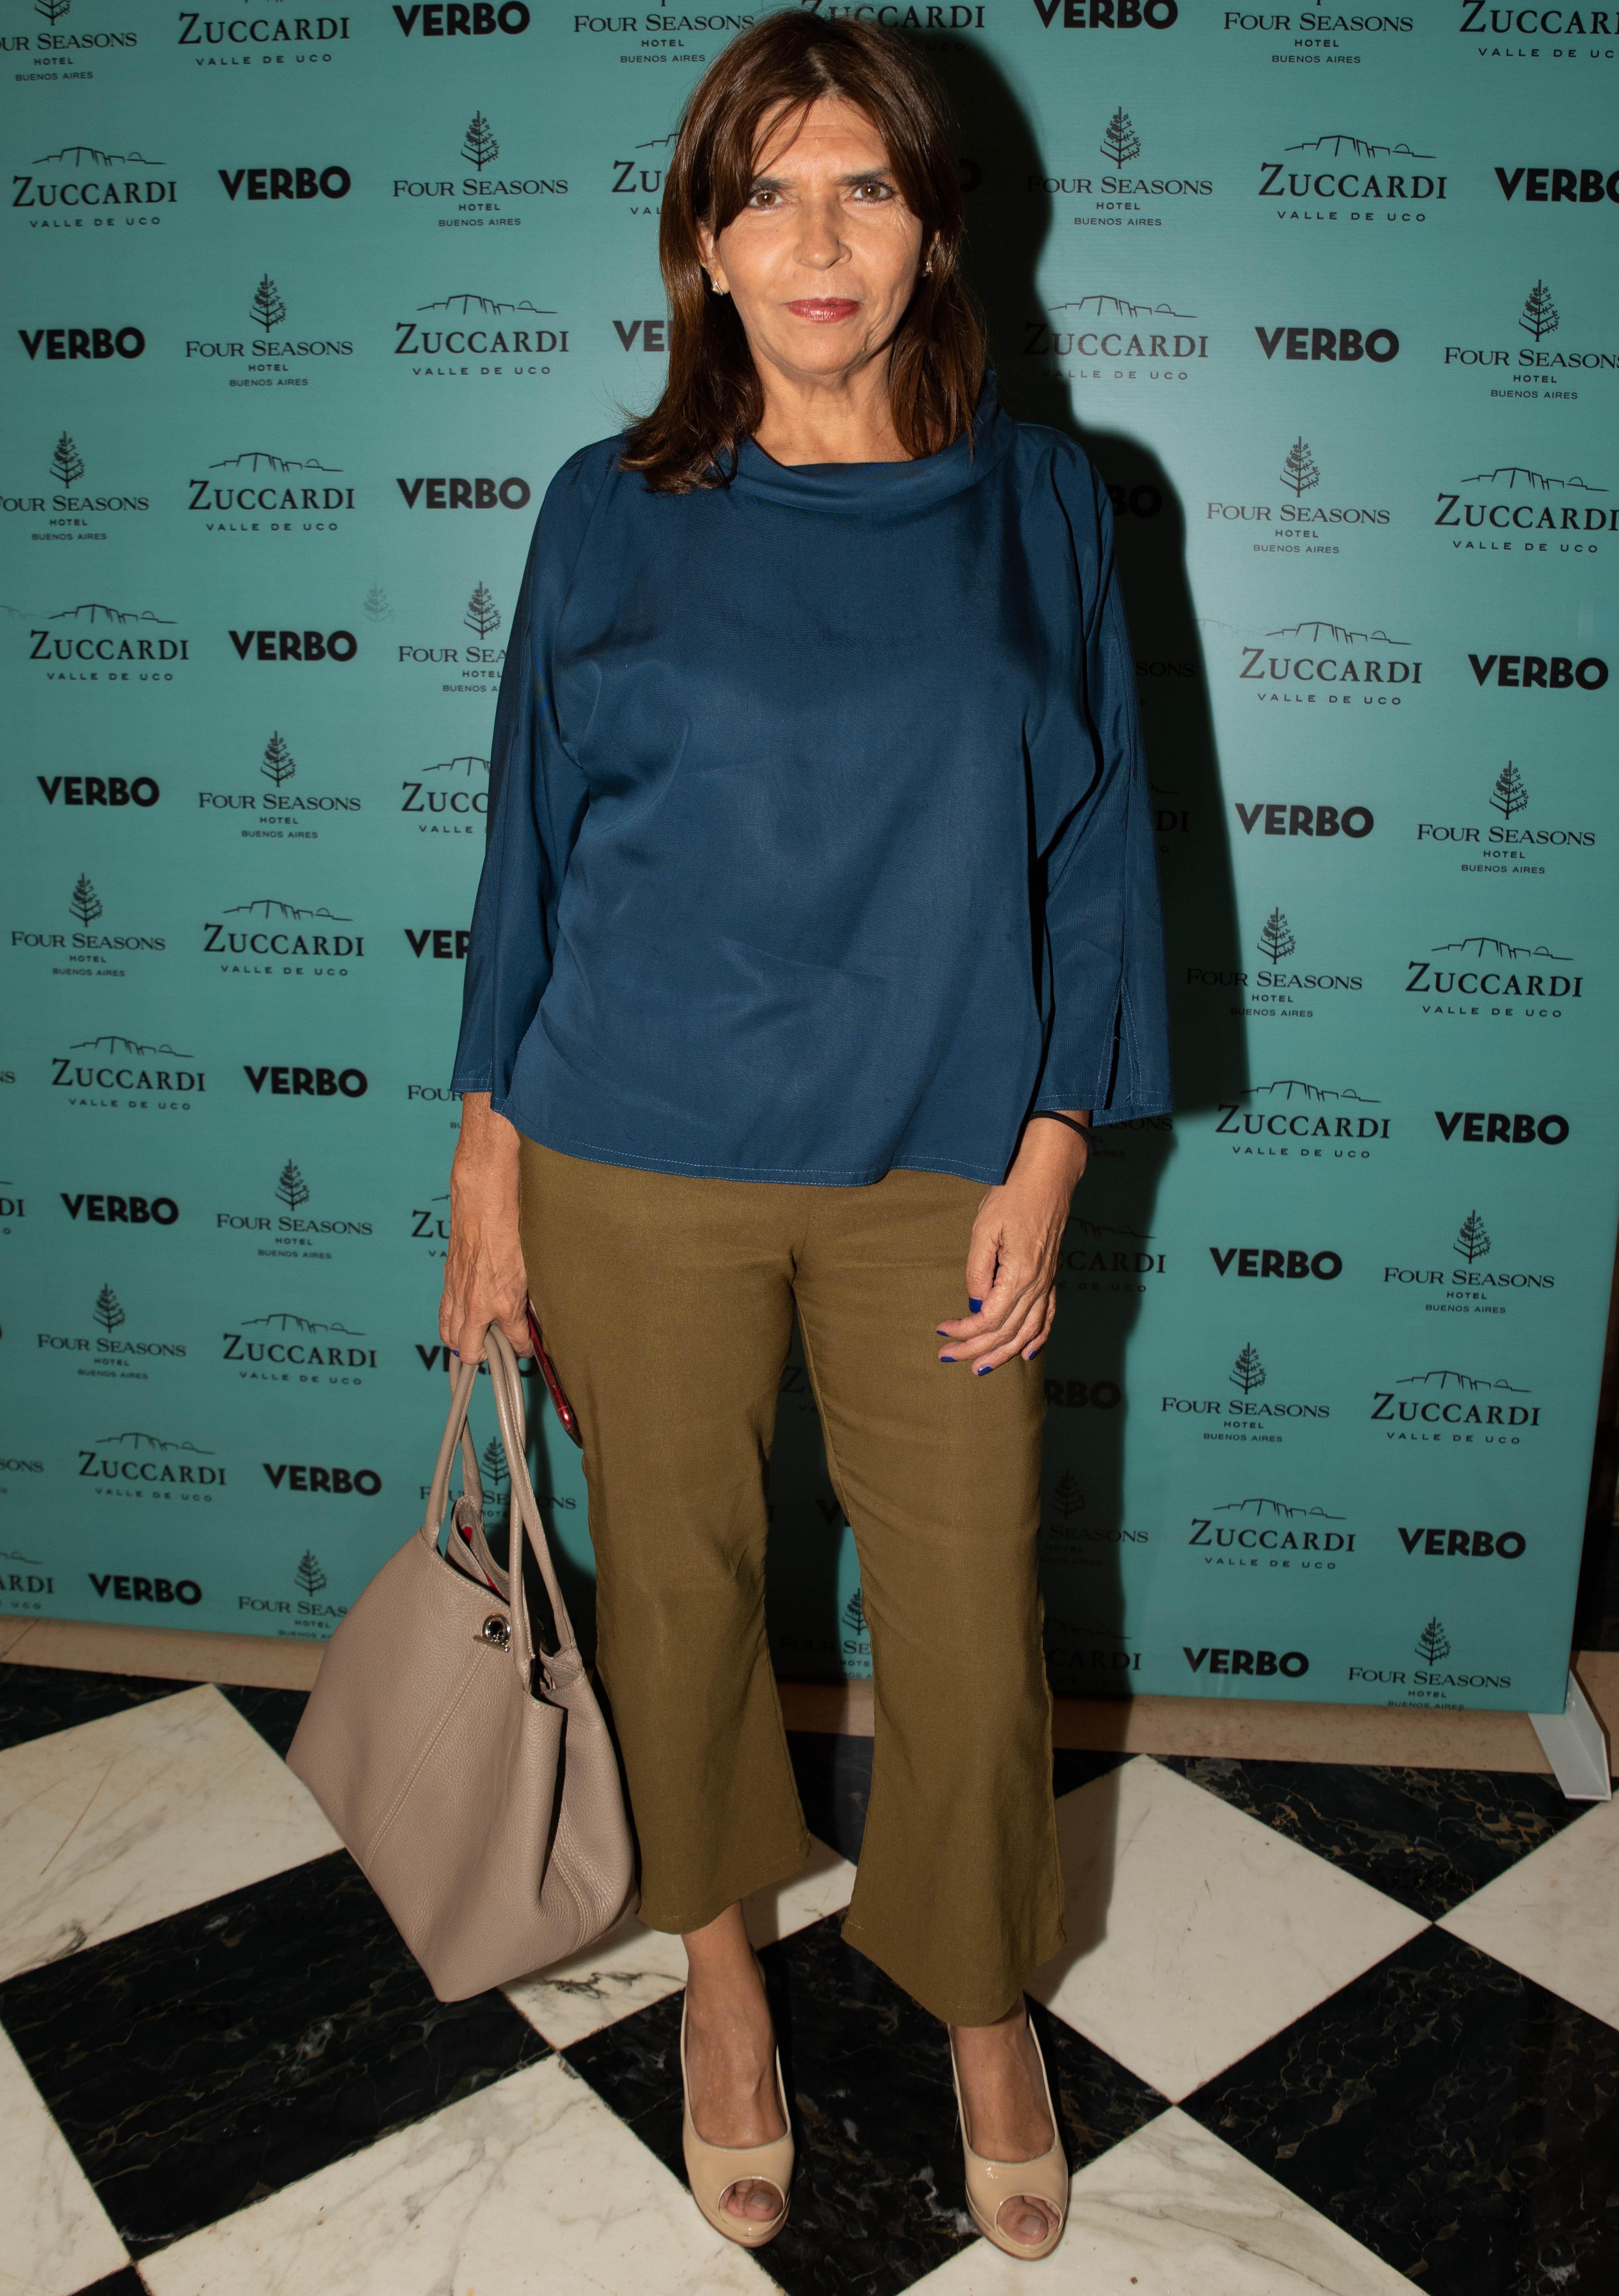 La periodista y escritora Silvia Mercado